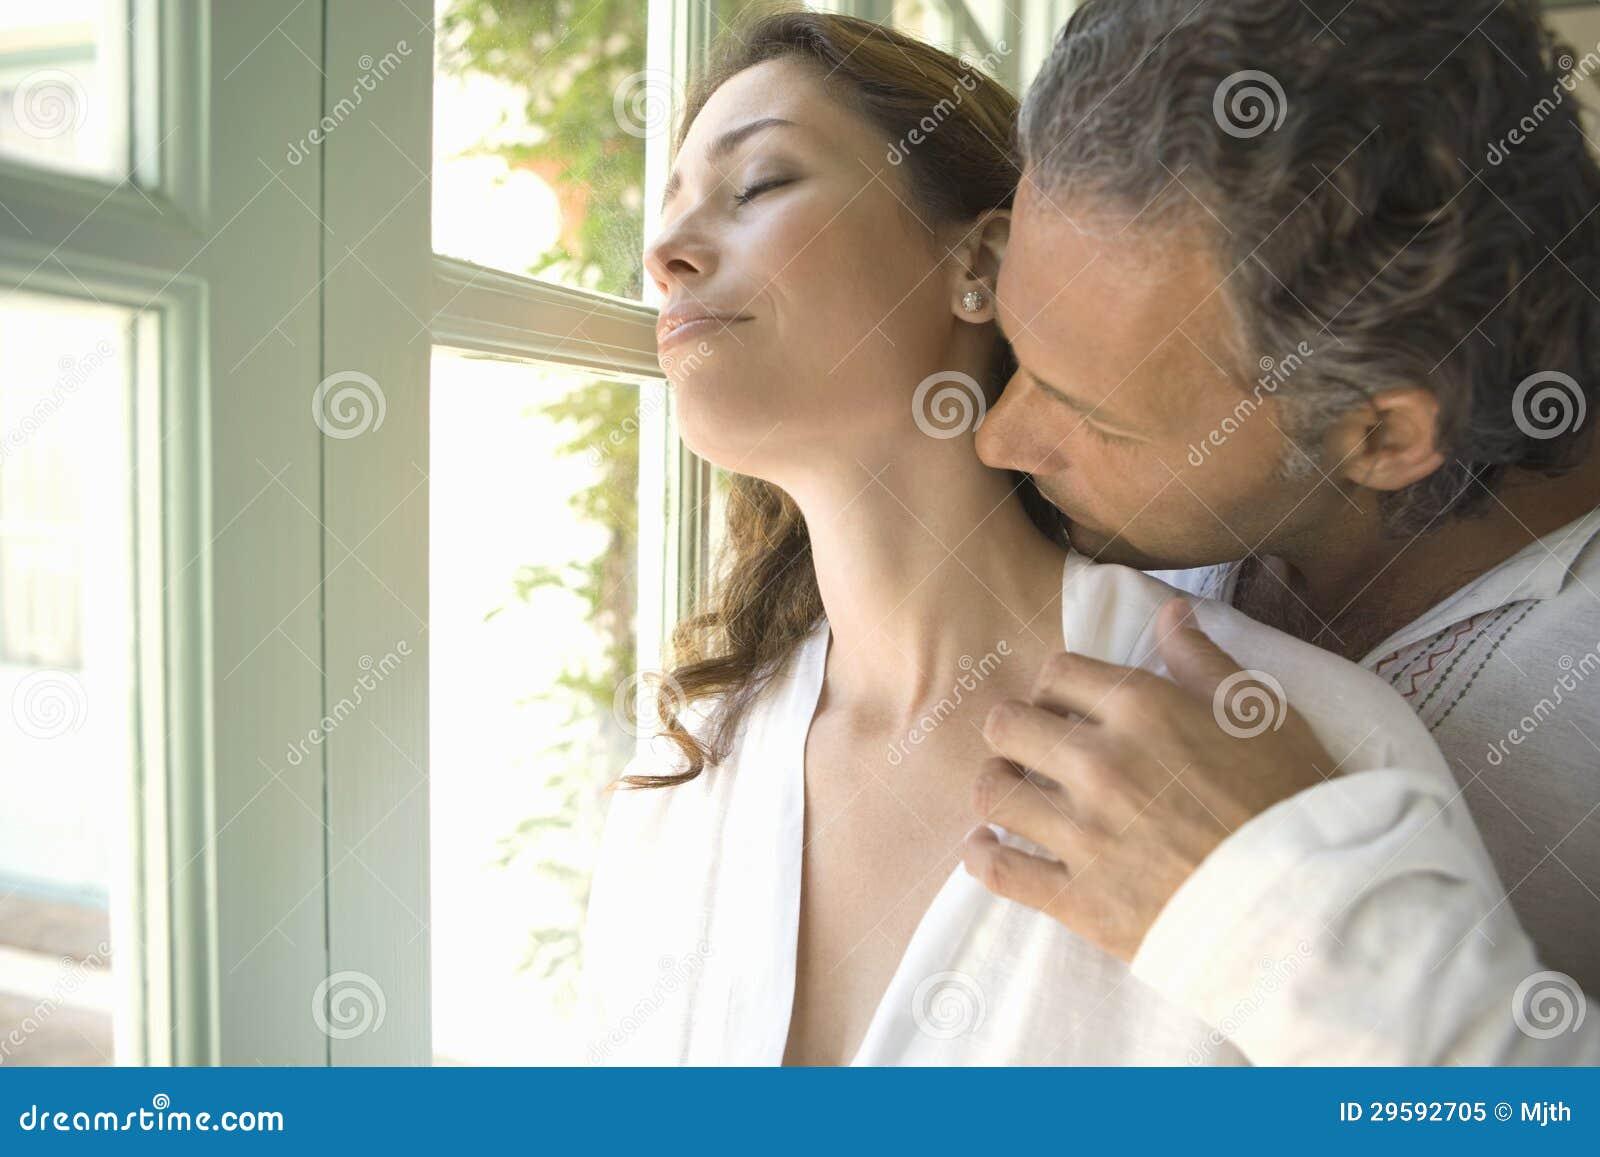 mature couple kissinggarden doors. stock image - image of doors